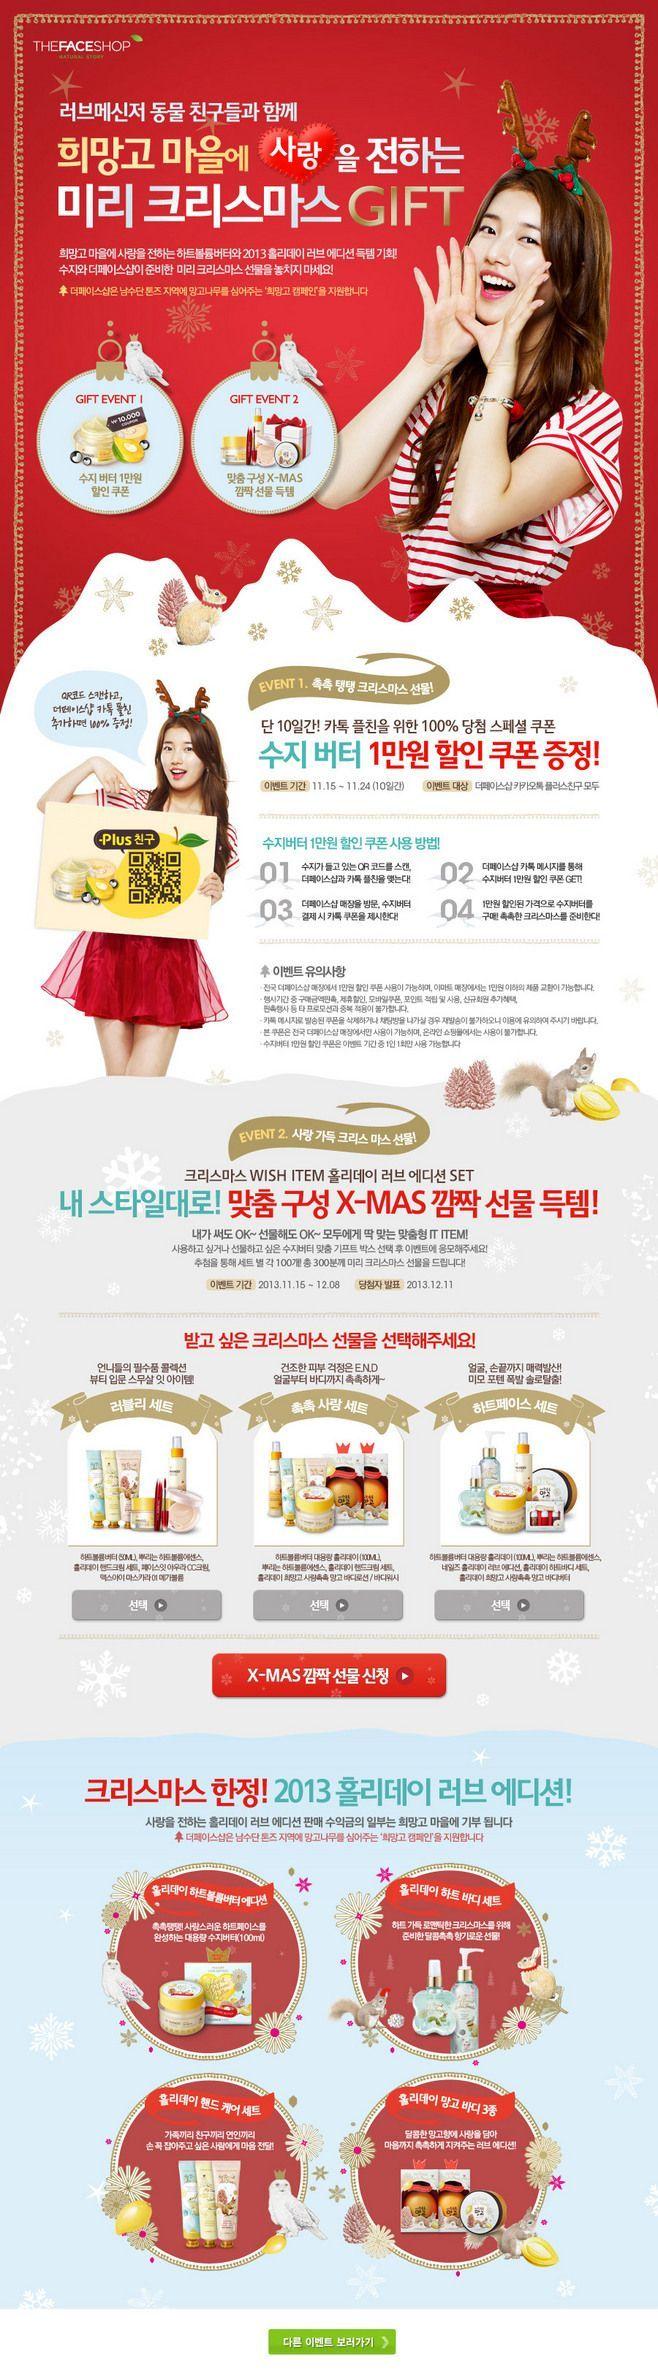 圣诞 化妆品 #活动页面# #专题活动#: